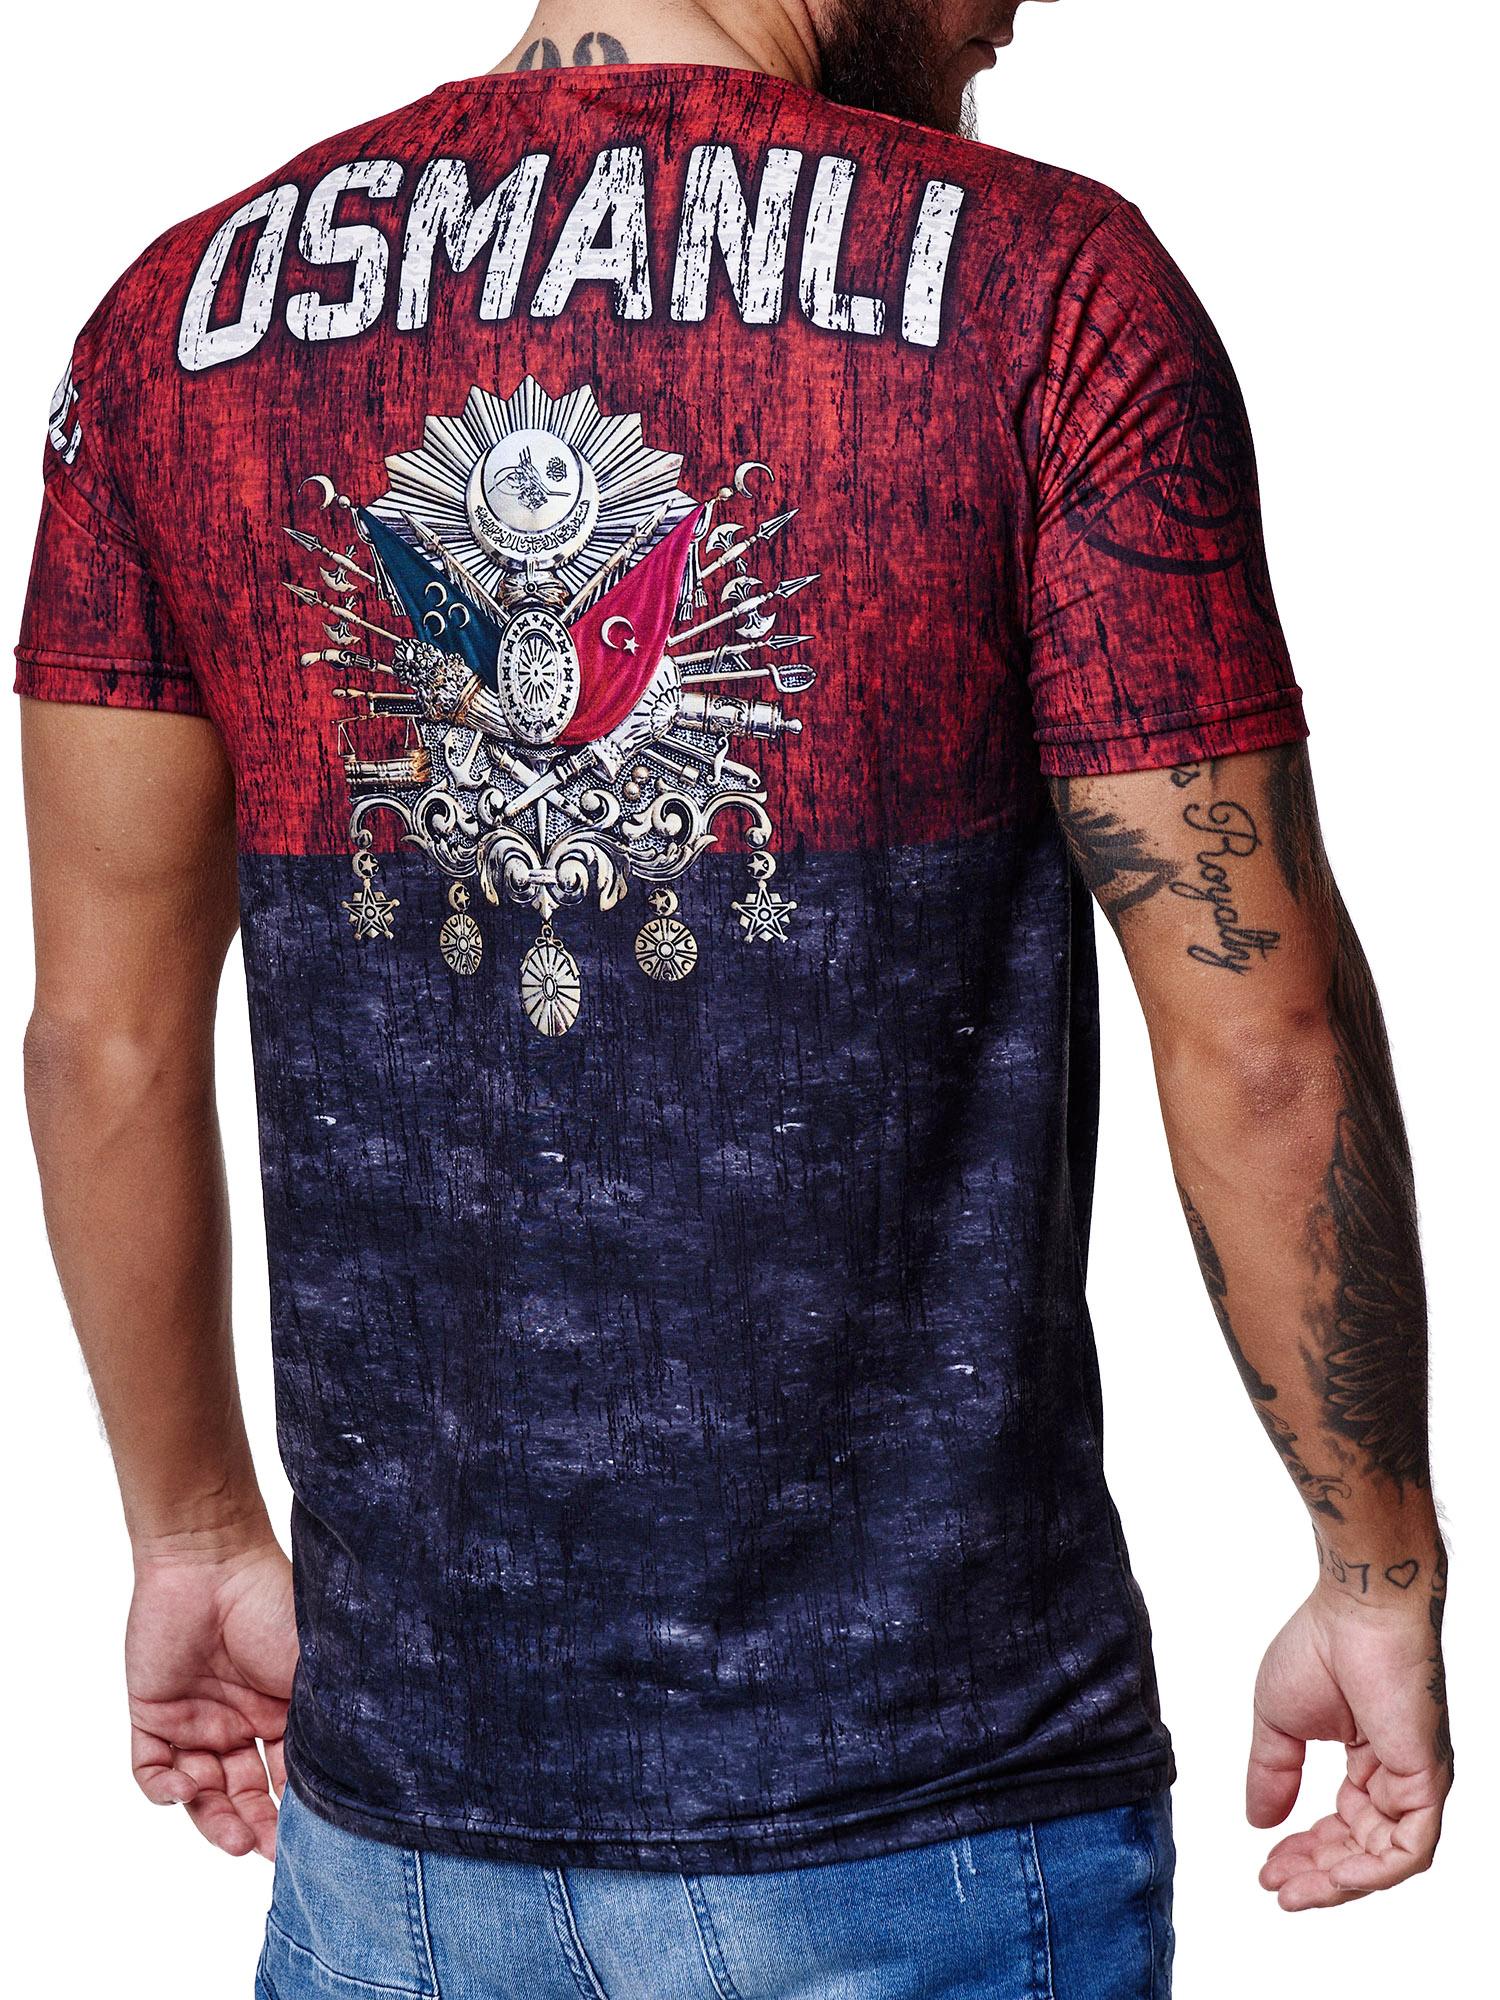 Paesi-da-Donna-T-shirt-A-Maniche-Corte-Girocollo-donne-CALCIO-Fanshirt-John-Kayna miniatura 85